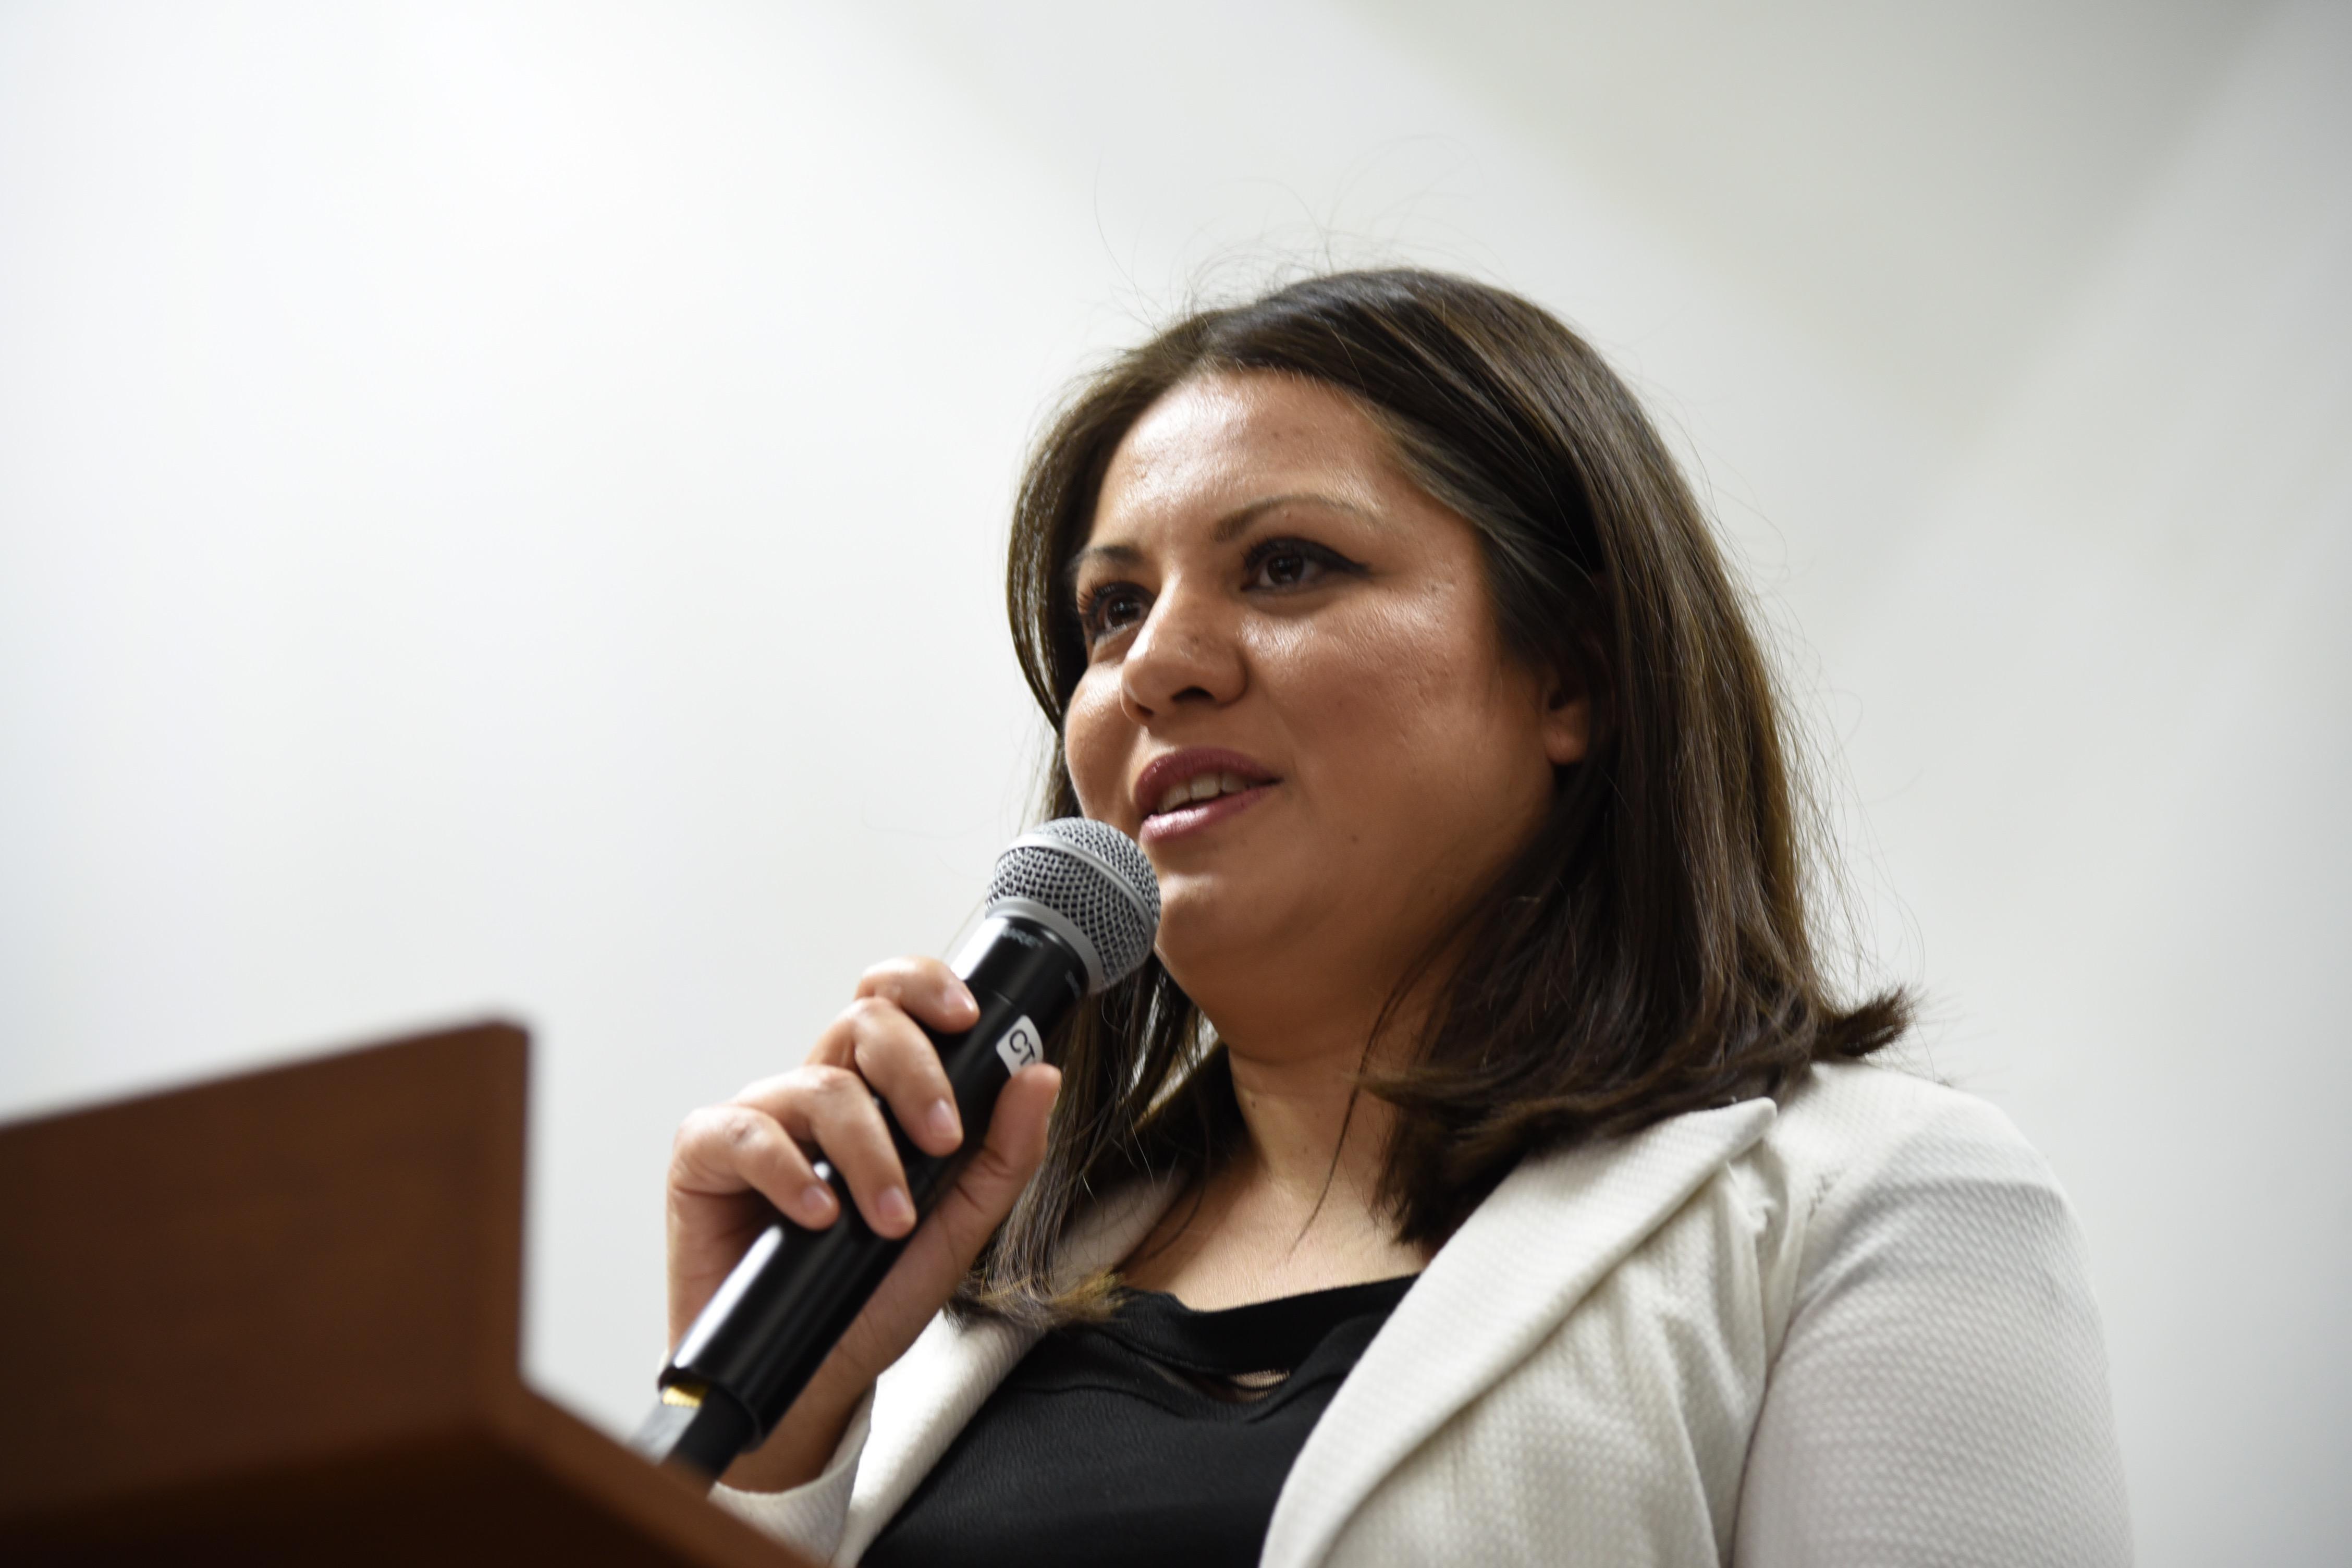 Mtra. Fabiola Macías ofreciendo palabras durante el acto inaugural